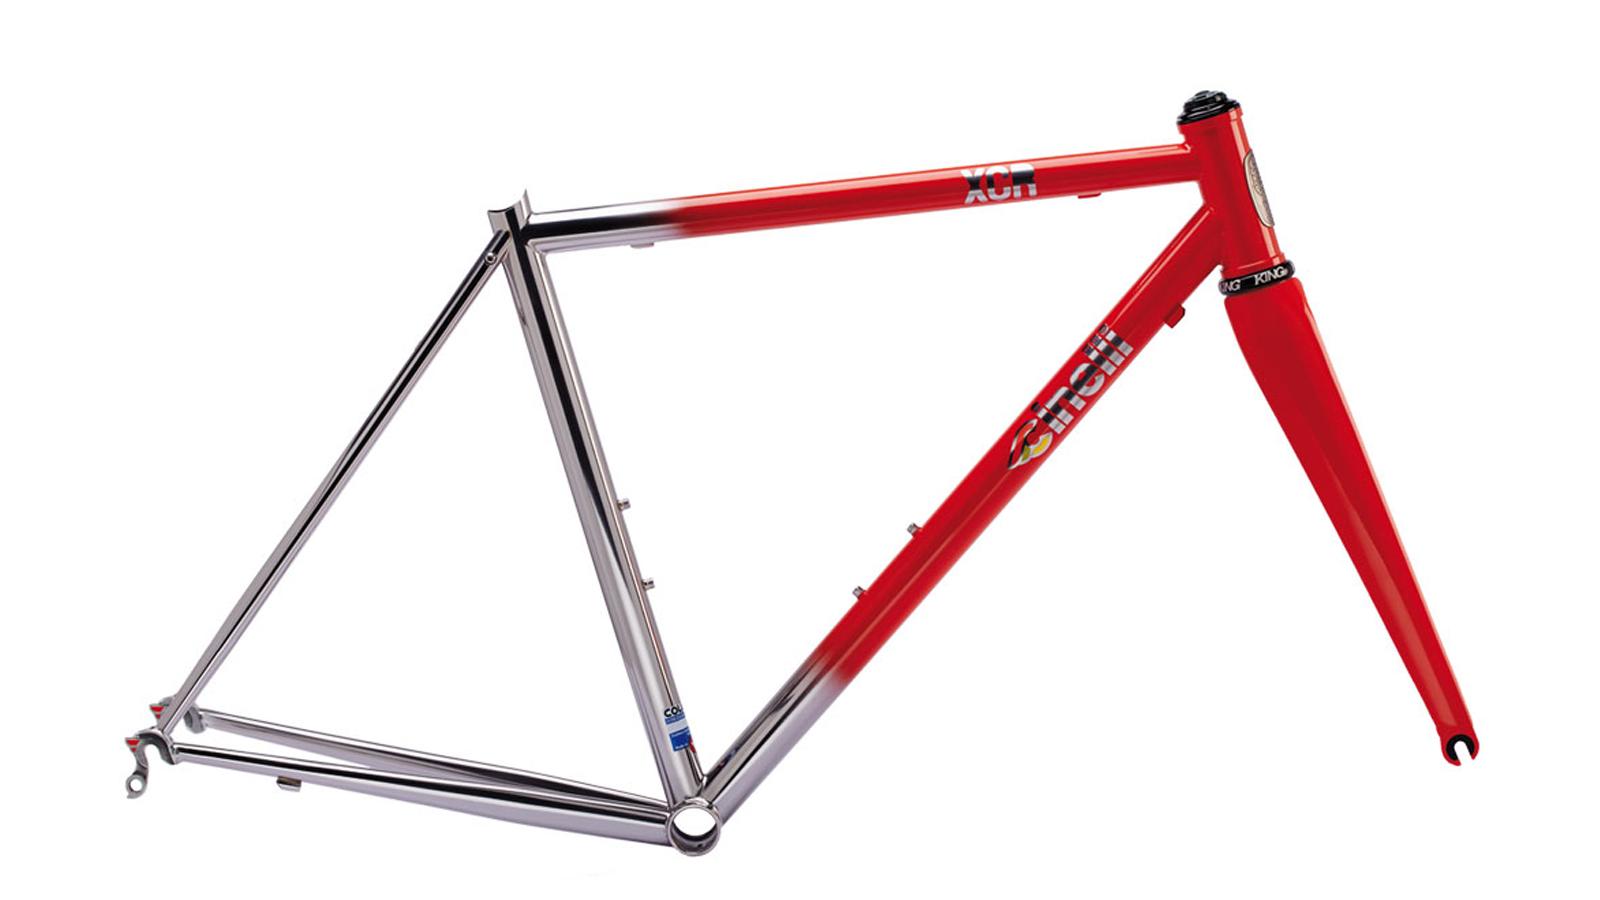 Best steel bikes: Cinelli